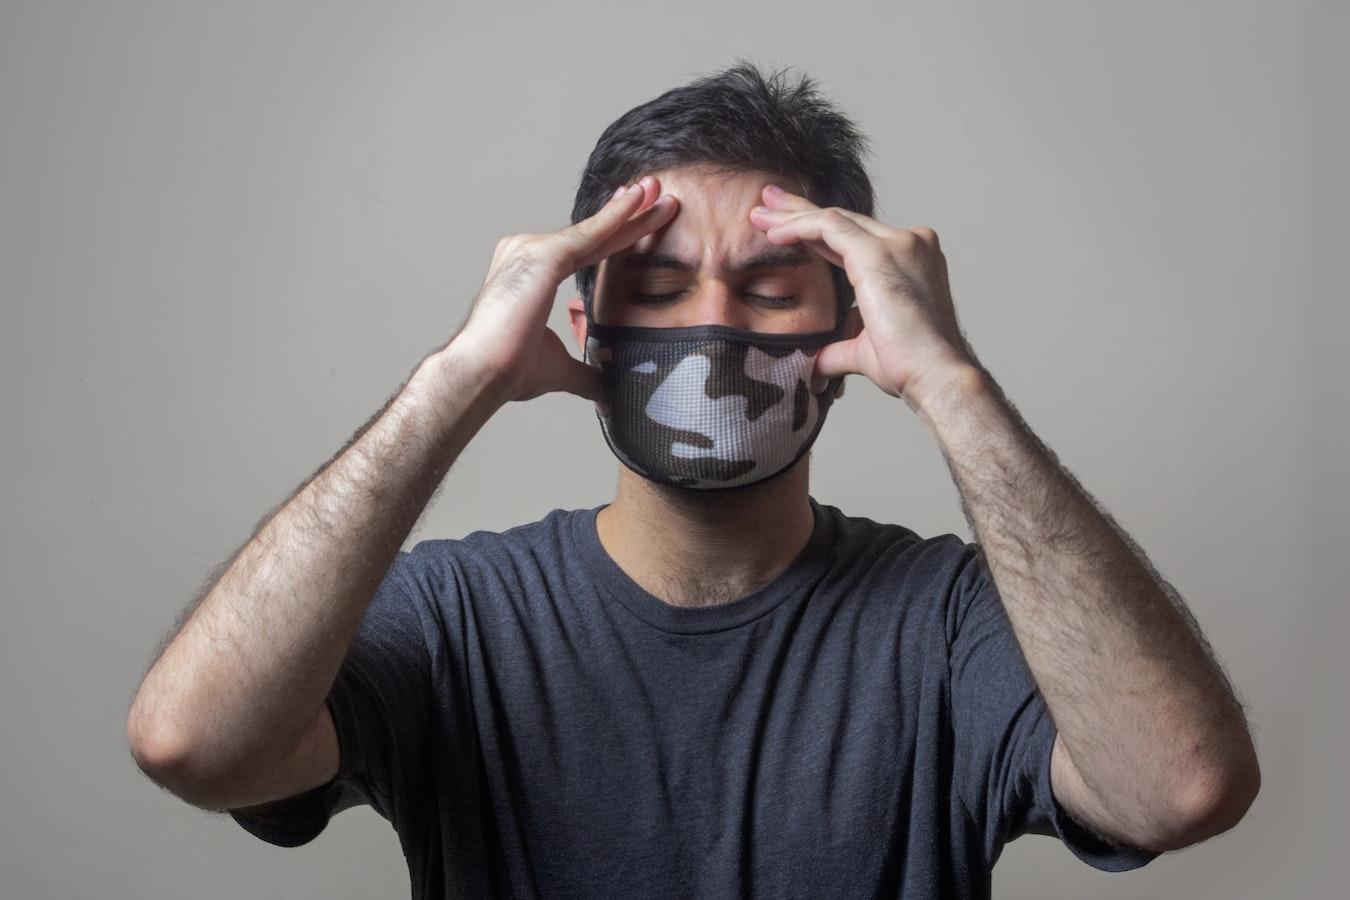 3成患者劇烈頭痛前會耳鳴、暈眩!「預兆性偏頭痛」腦中風機會較高